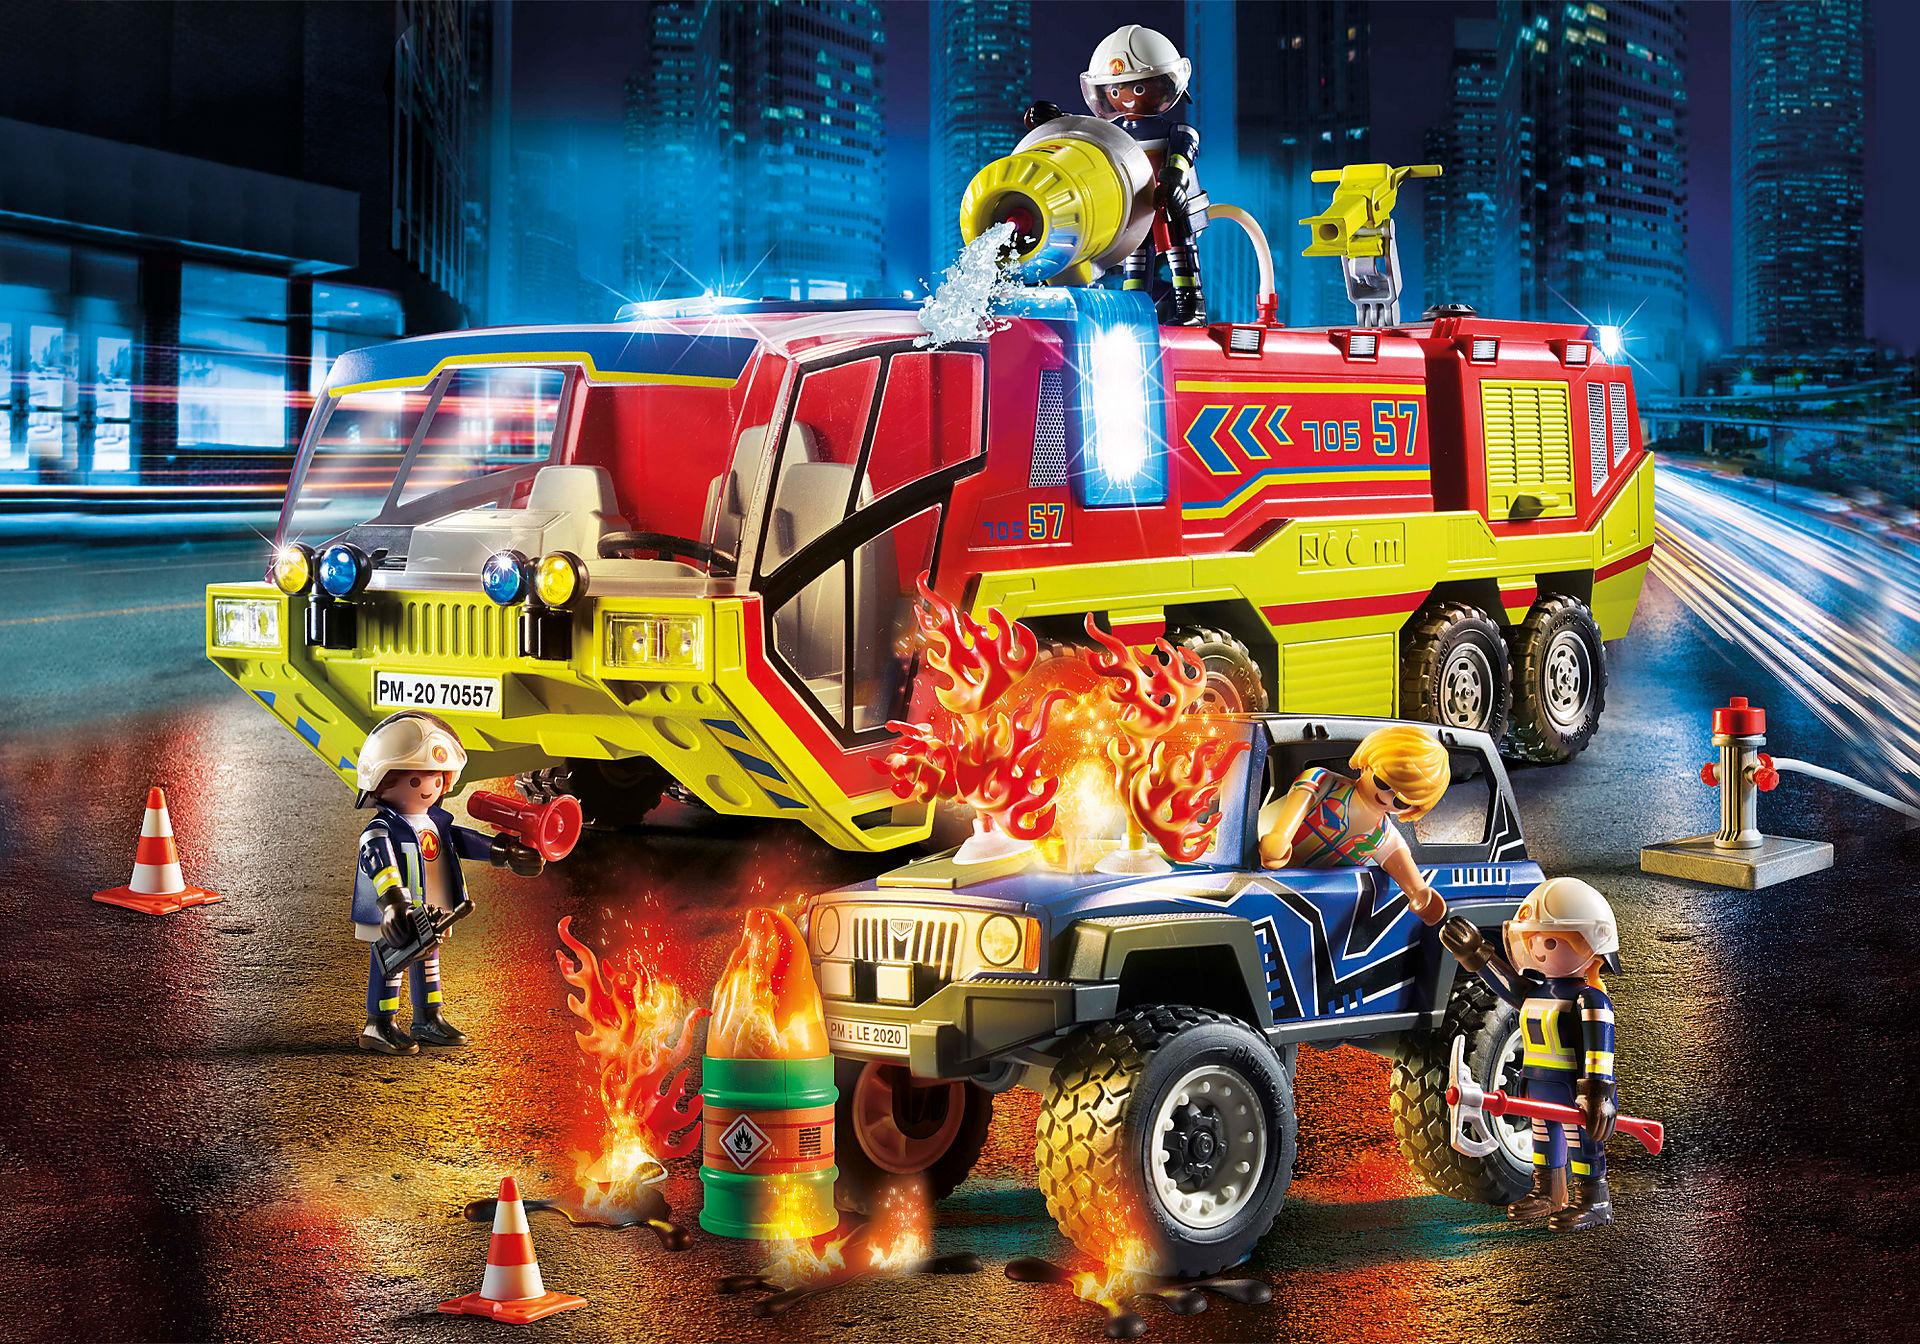 70557 Operación de Rescate con Camión de Bomberos zoom image1